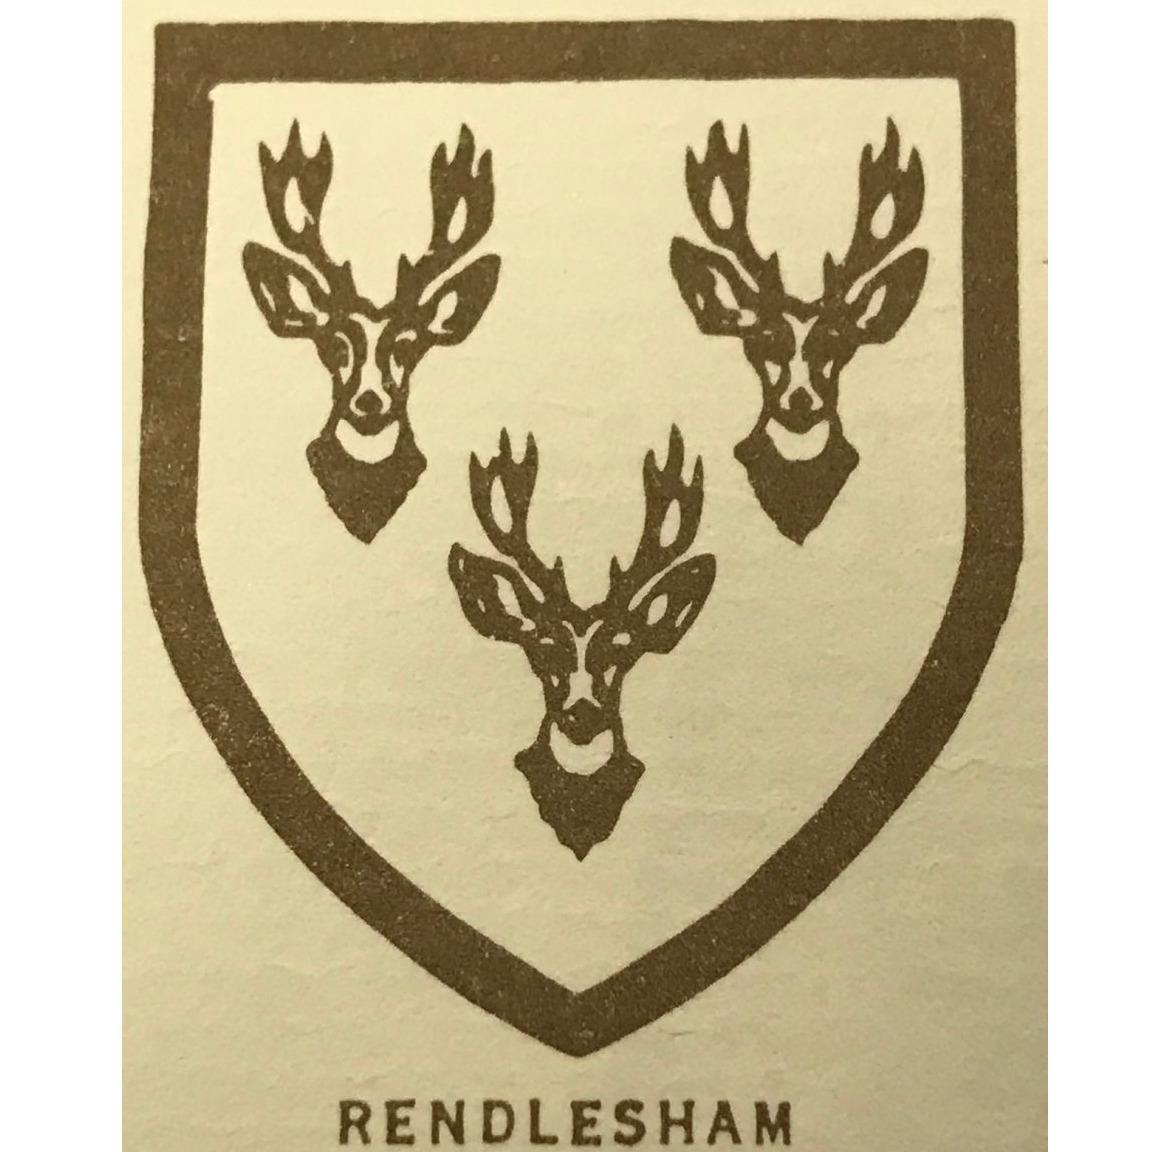 Rendlesham Insurance Agency